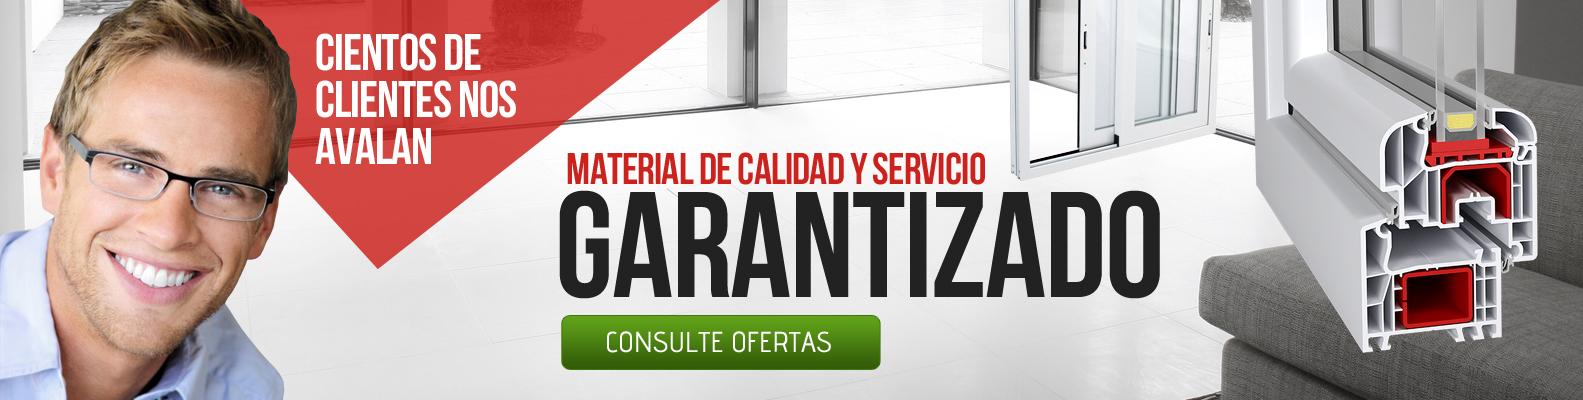 Calidad y servicio garantizados